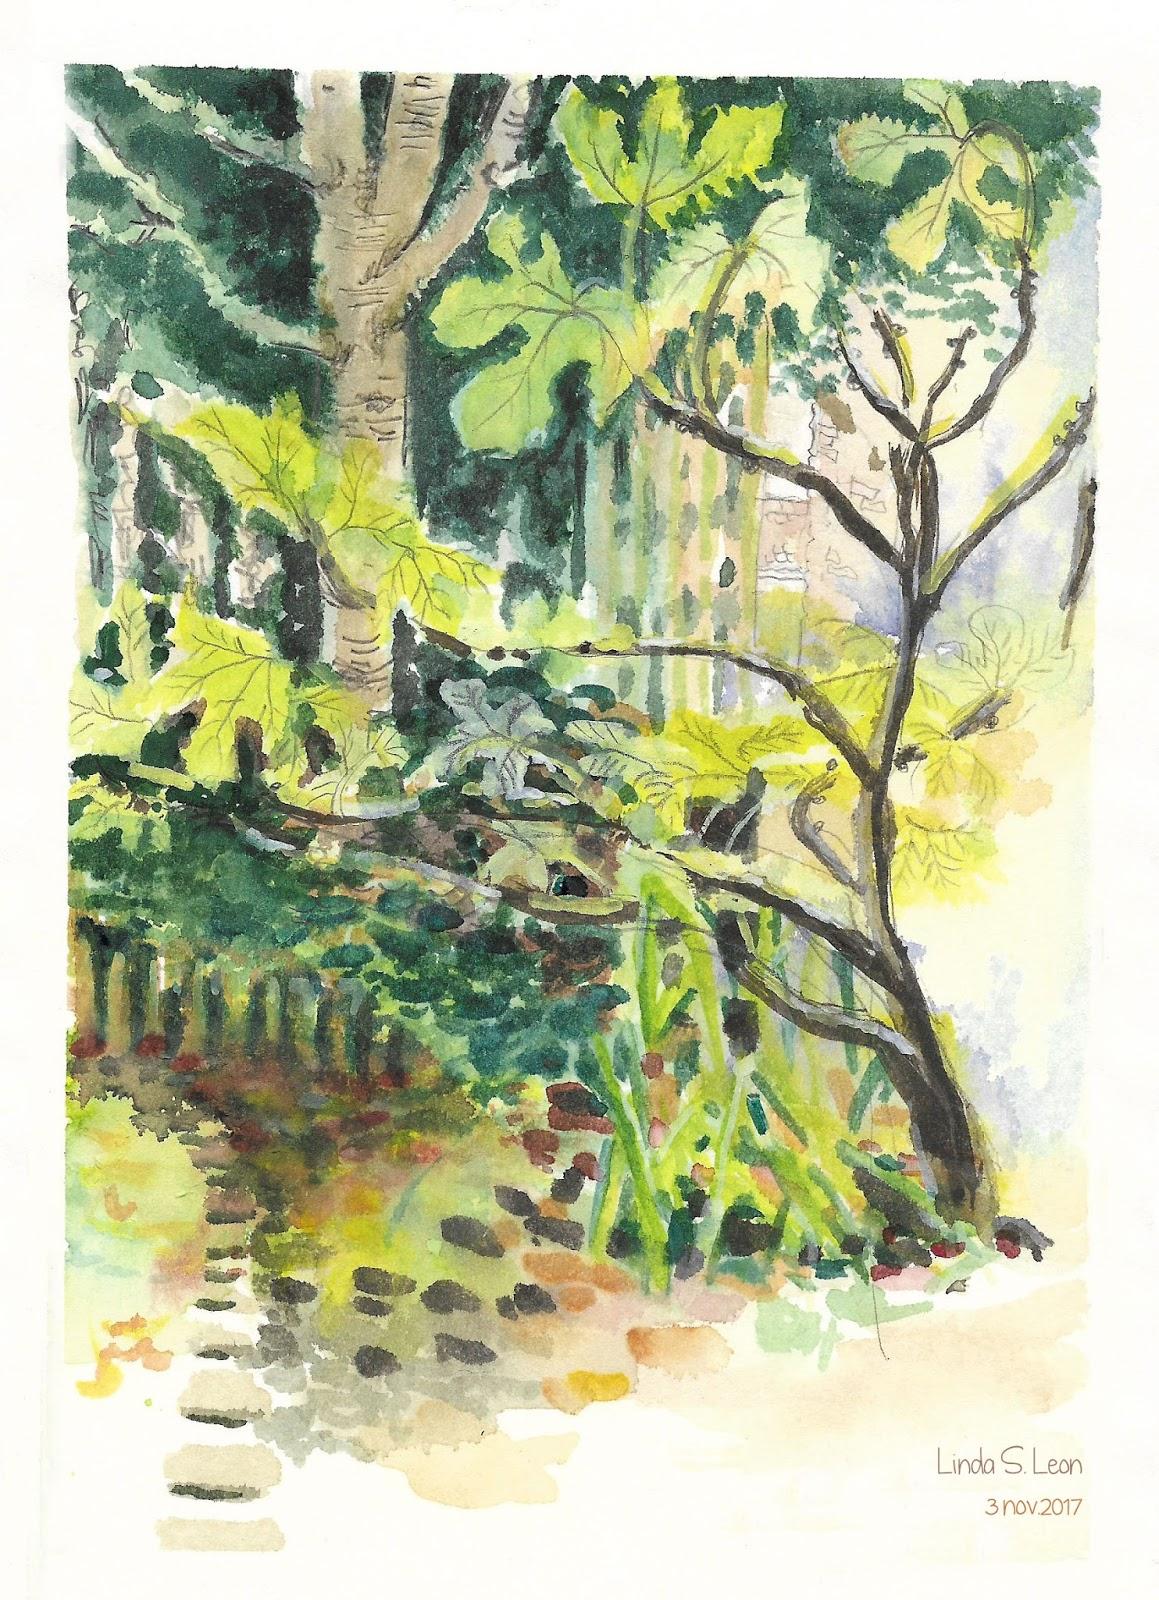 Herfst in mijn tuin door Linda S. Leon